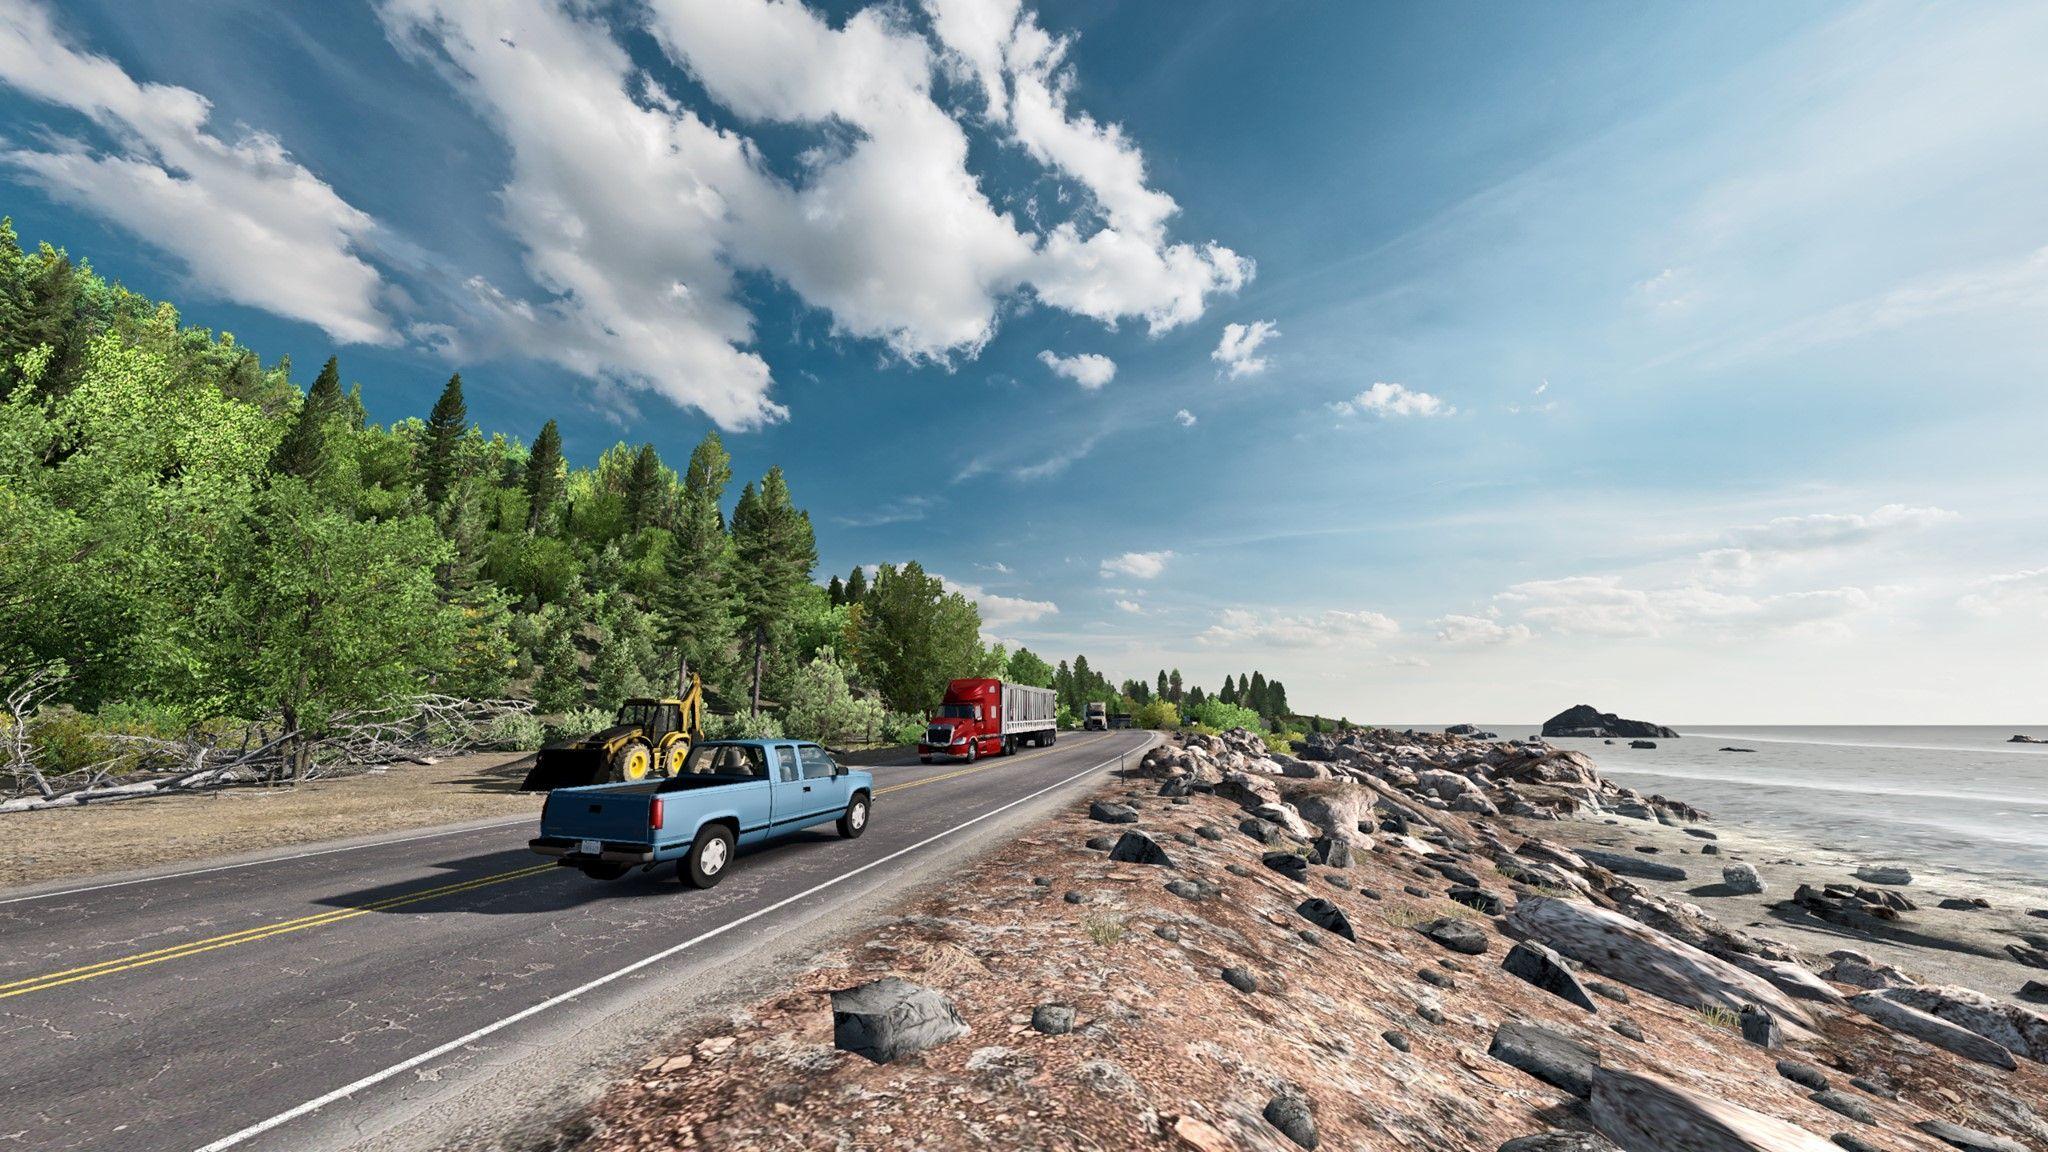 American Truck Simulator e DLC's permanecem em promoção!